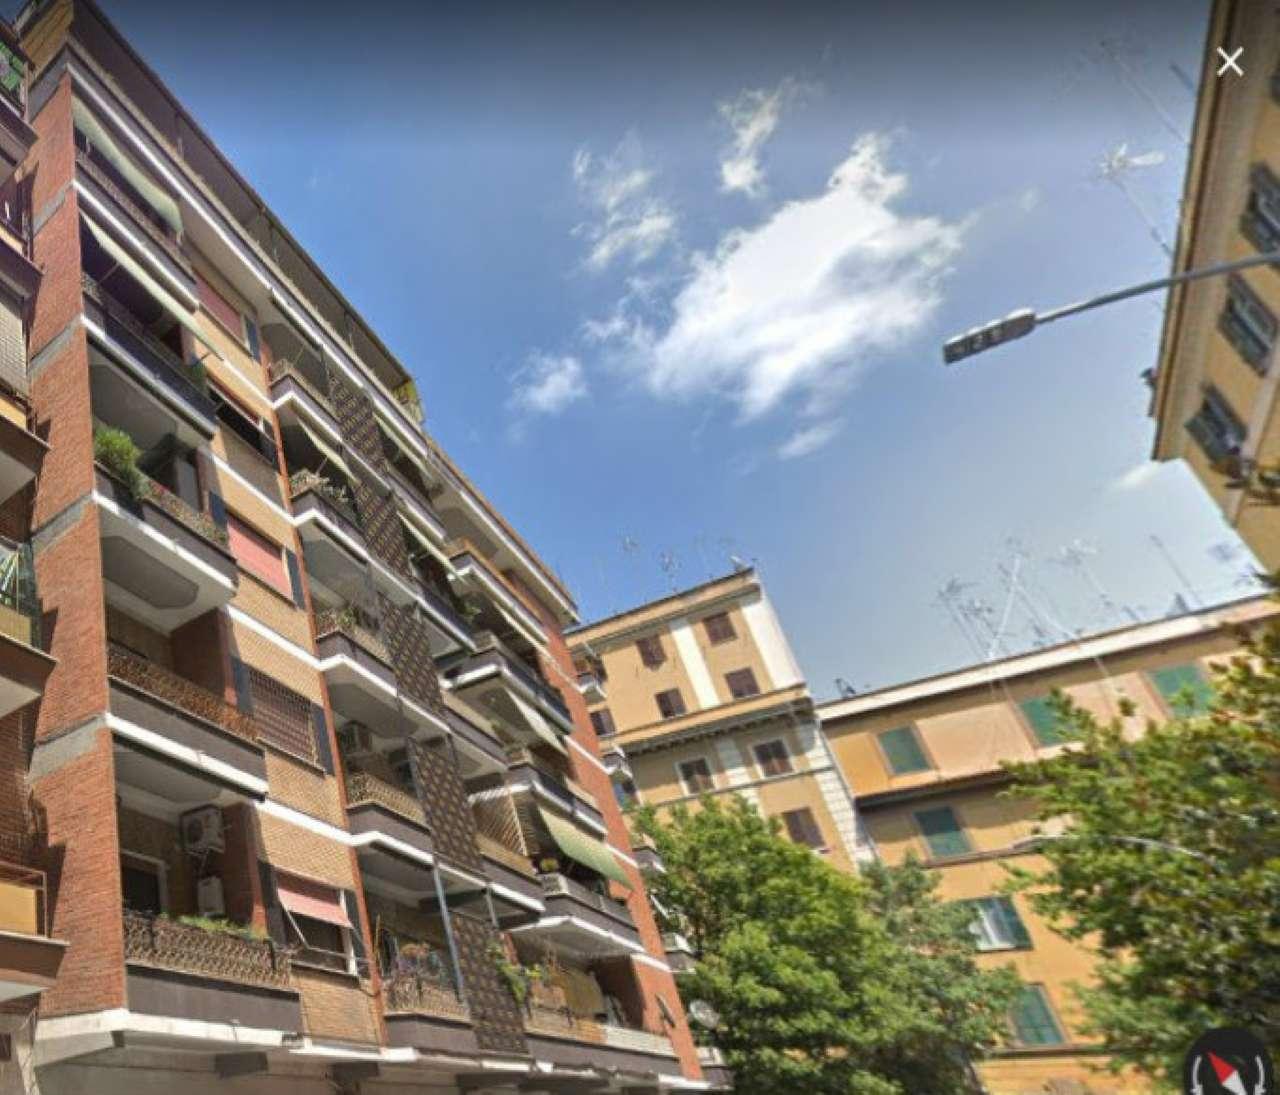 Appartamento in vendita a Roma, 4 locali, zona Zona: 10 . Pigneto, Largo Preneste, prezzo € 270.000 | CambioCasa.it